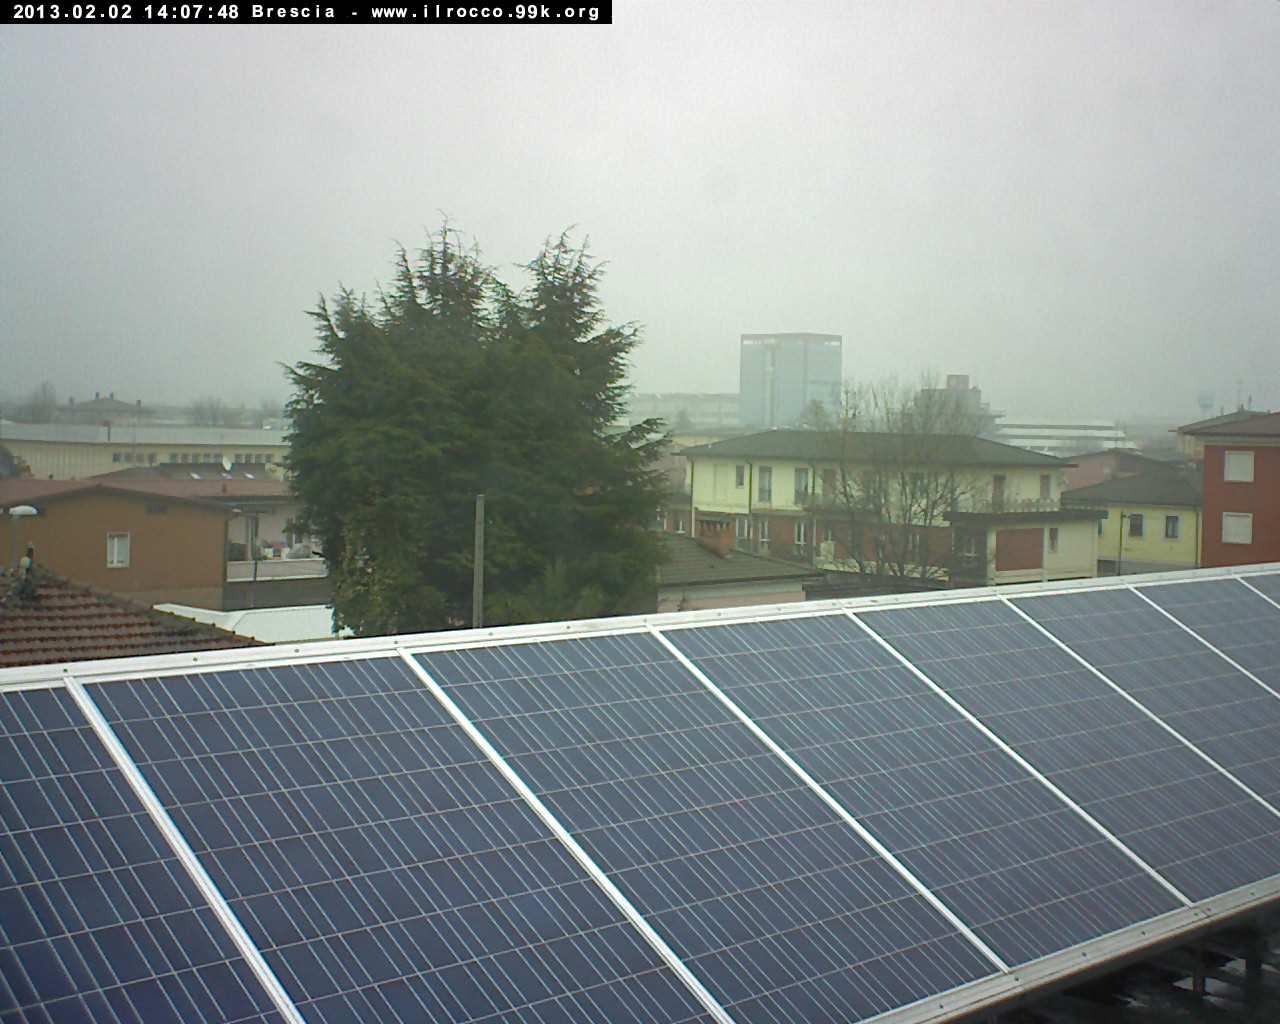 Meteo Lombardia: maltempo con piogge